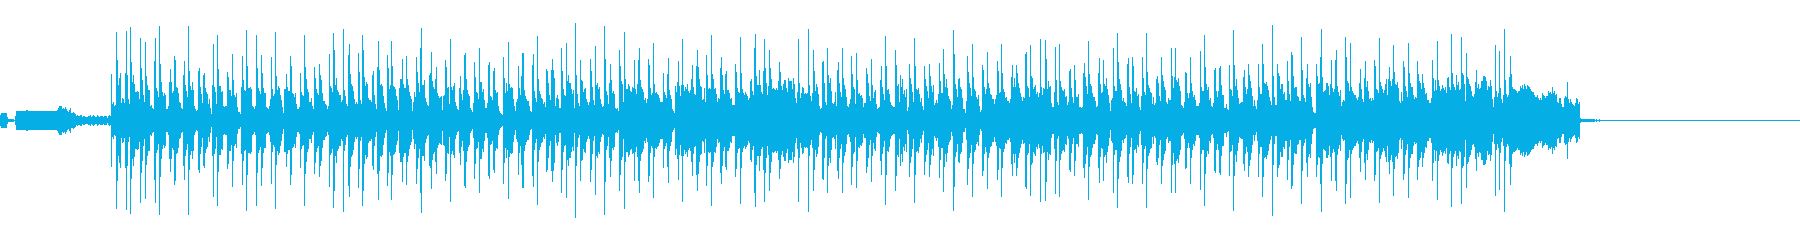 ブギウギ(ピアノ&オルガン)の再生済みの波形